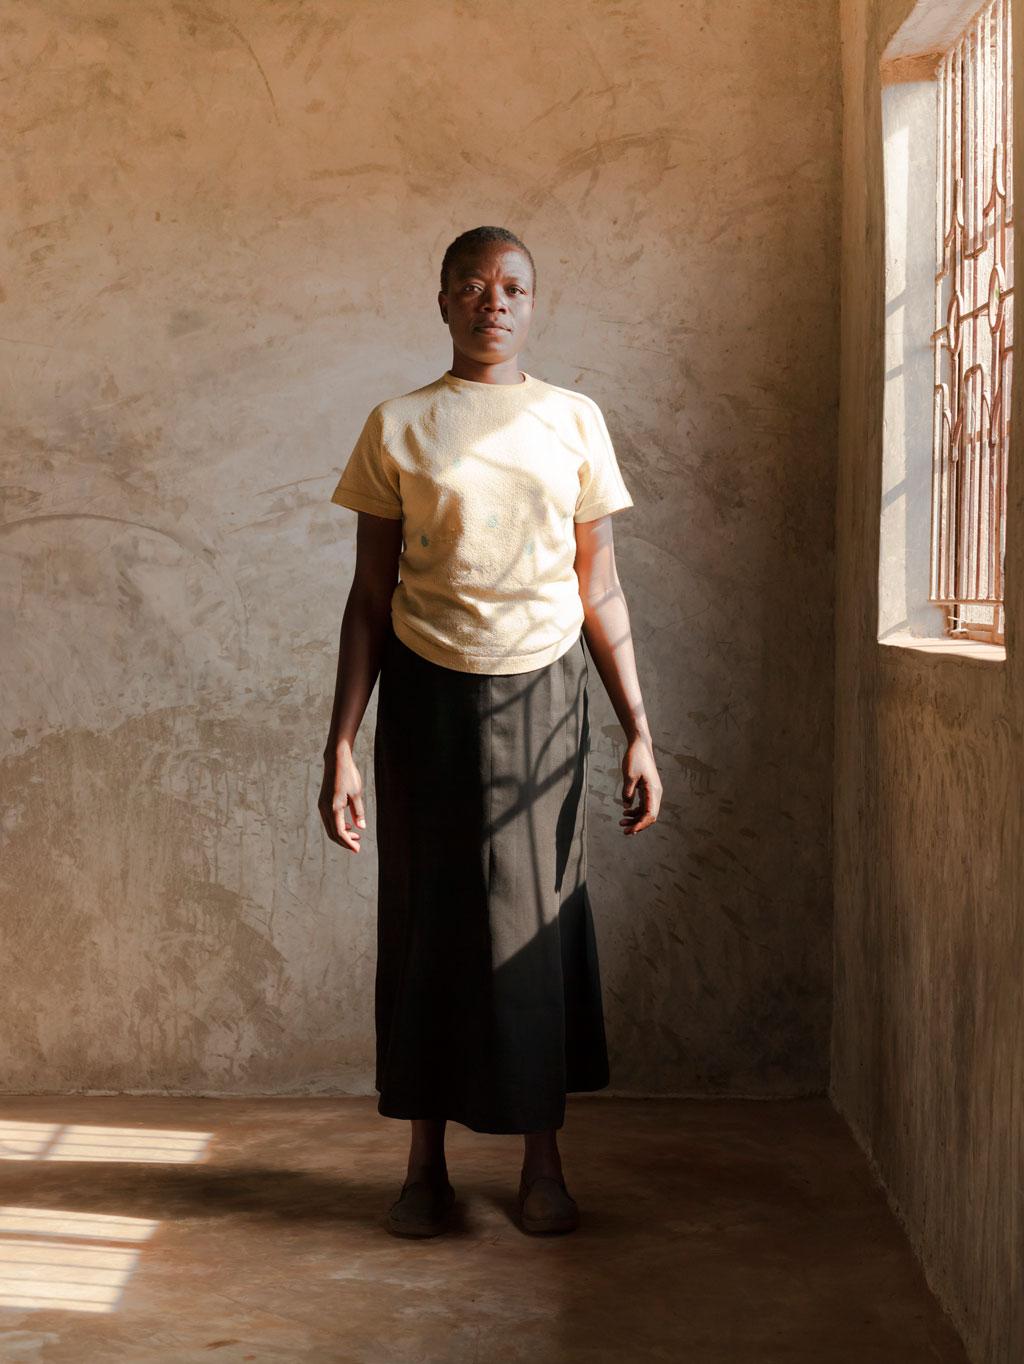 Eric Pawlitzky - Der Vorstand der Selbsthilfegruppe der AIDS-Witwen von Nyabondo - Felix Schoeller Photoaward